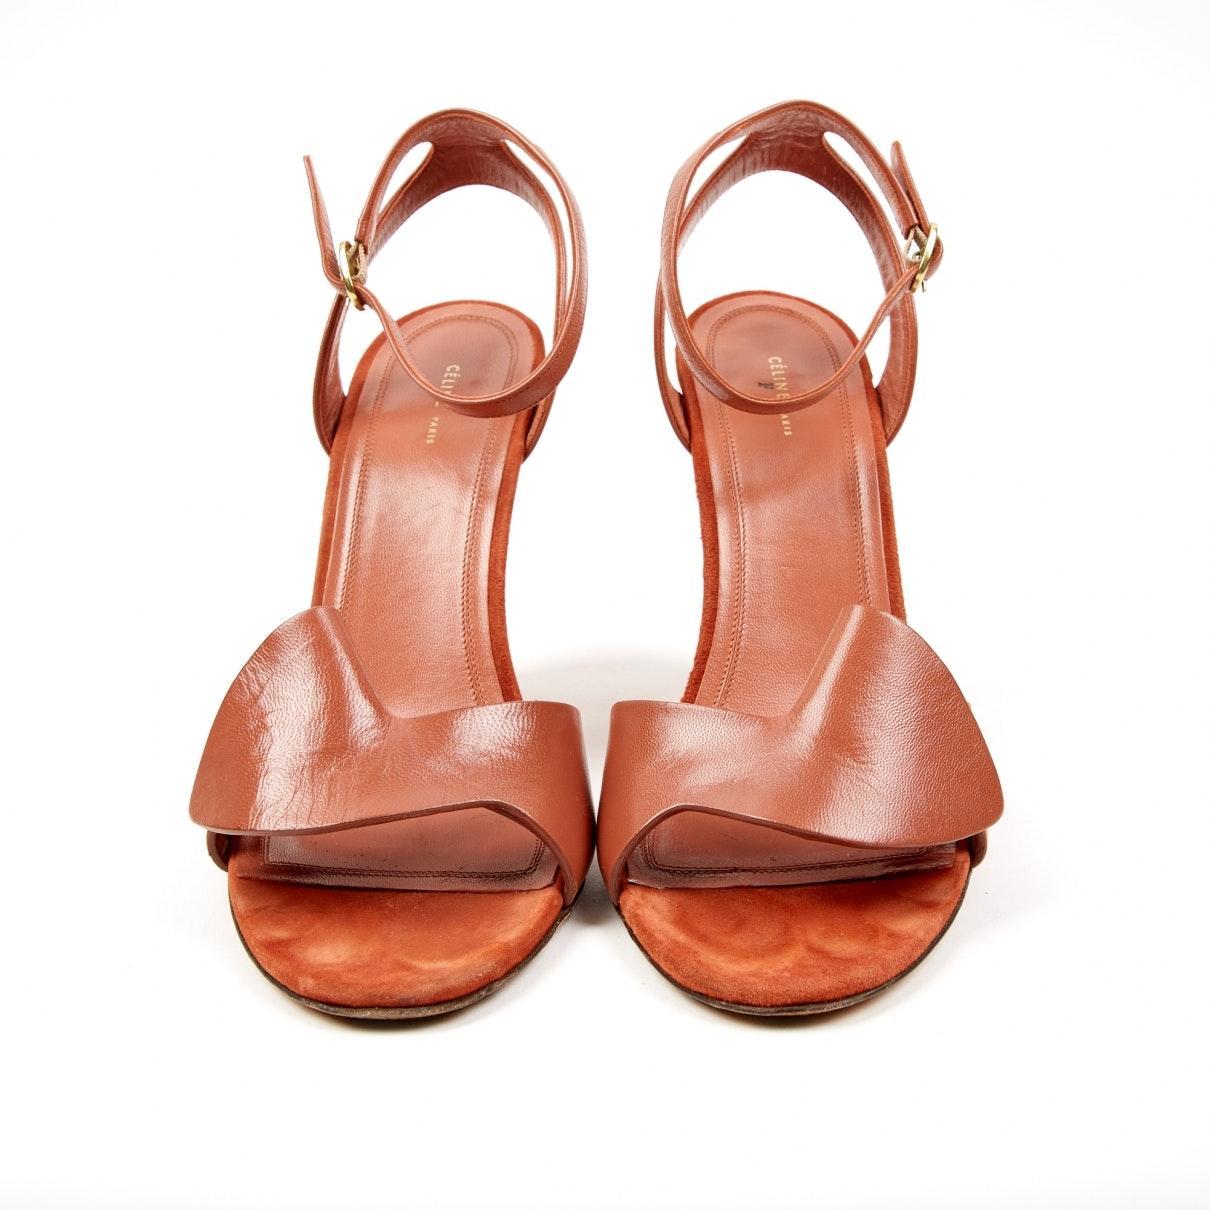 Tacones en cuero marrón Celine de color Marrón